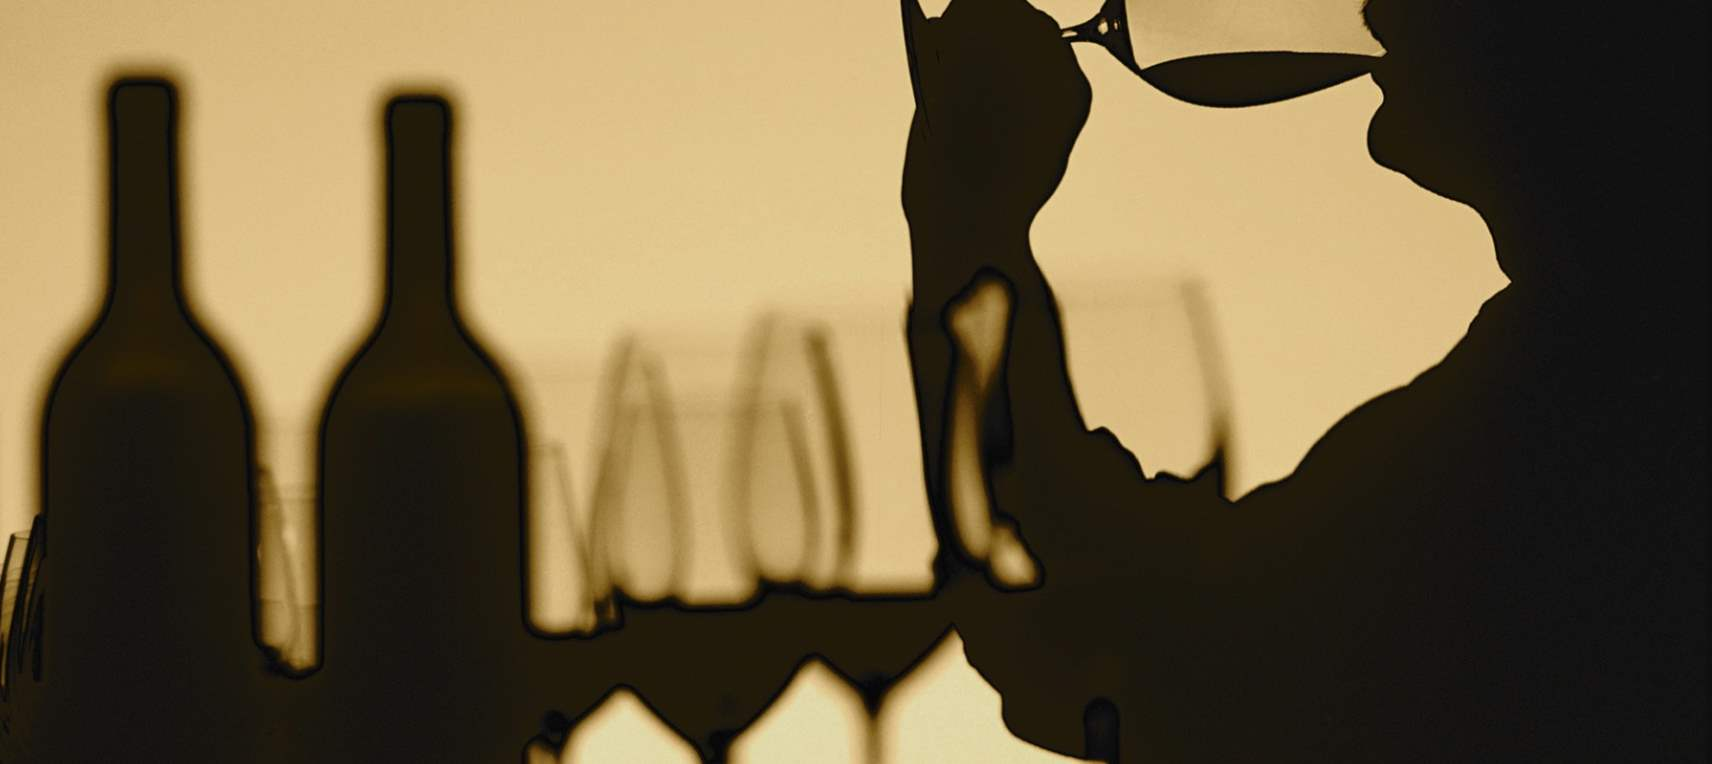 vinos-de-gran-canaria-223